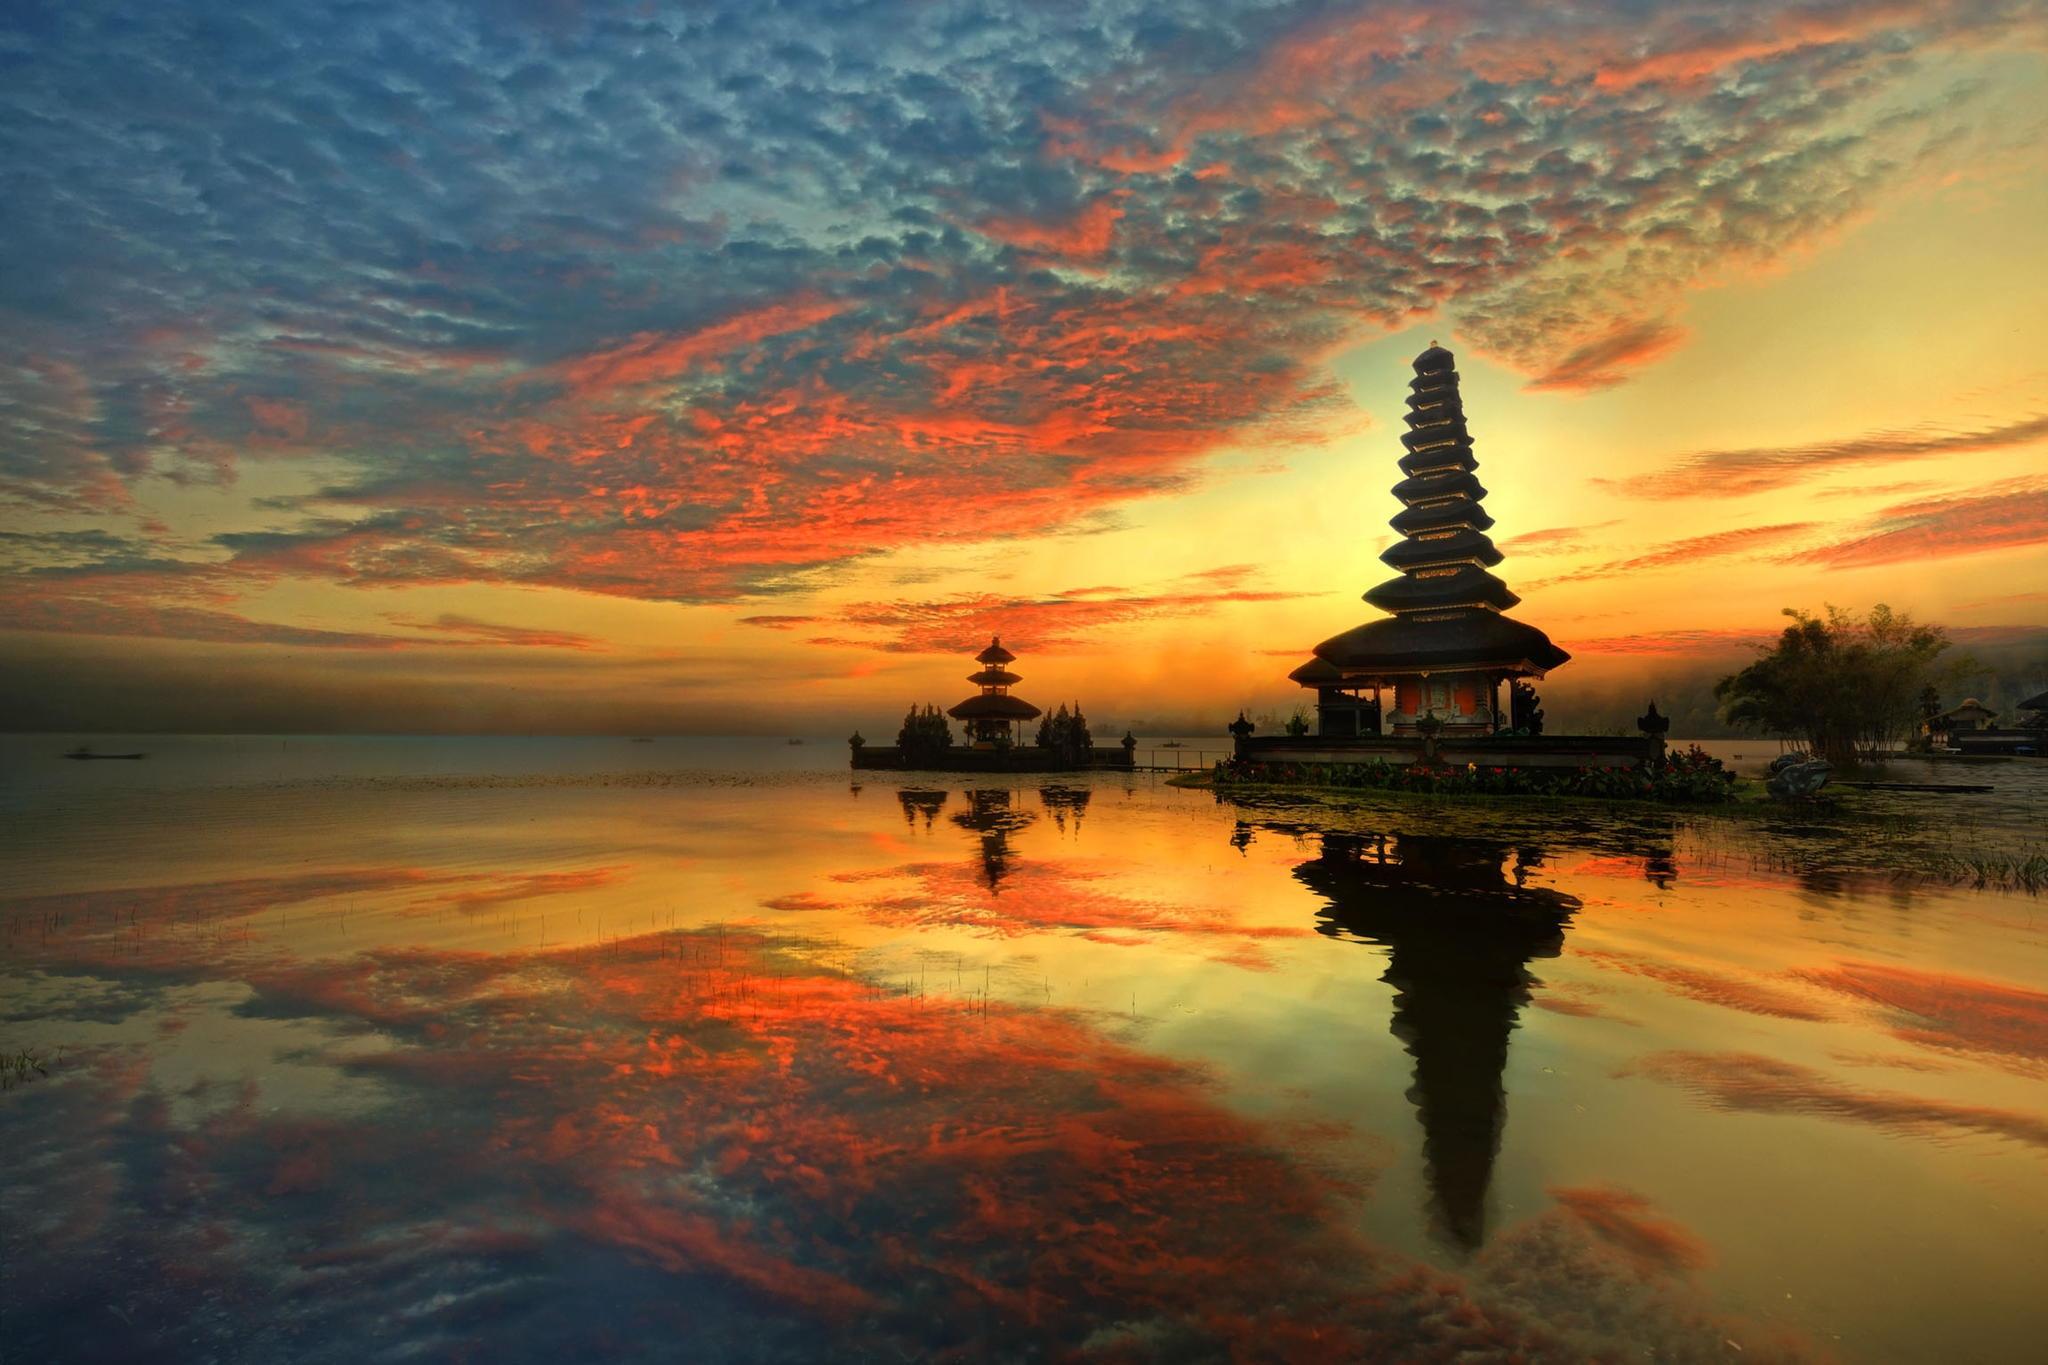 Bali 4k Pura Ulun Danu Bratan 1121300 Hd Wallpaper